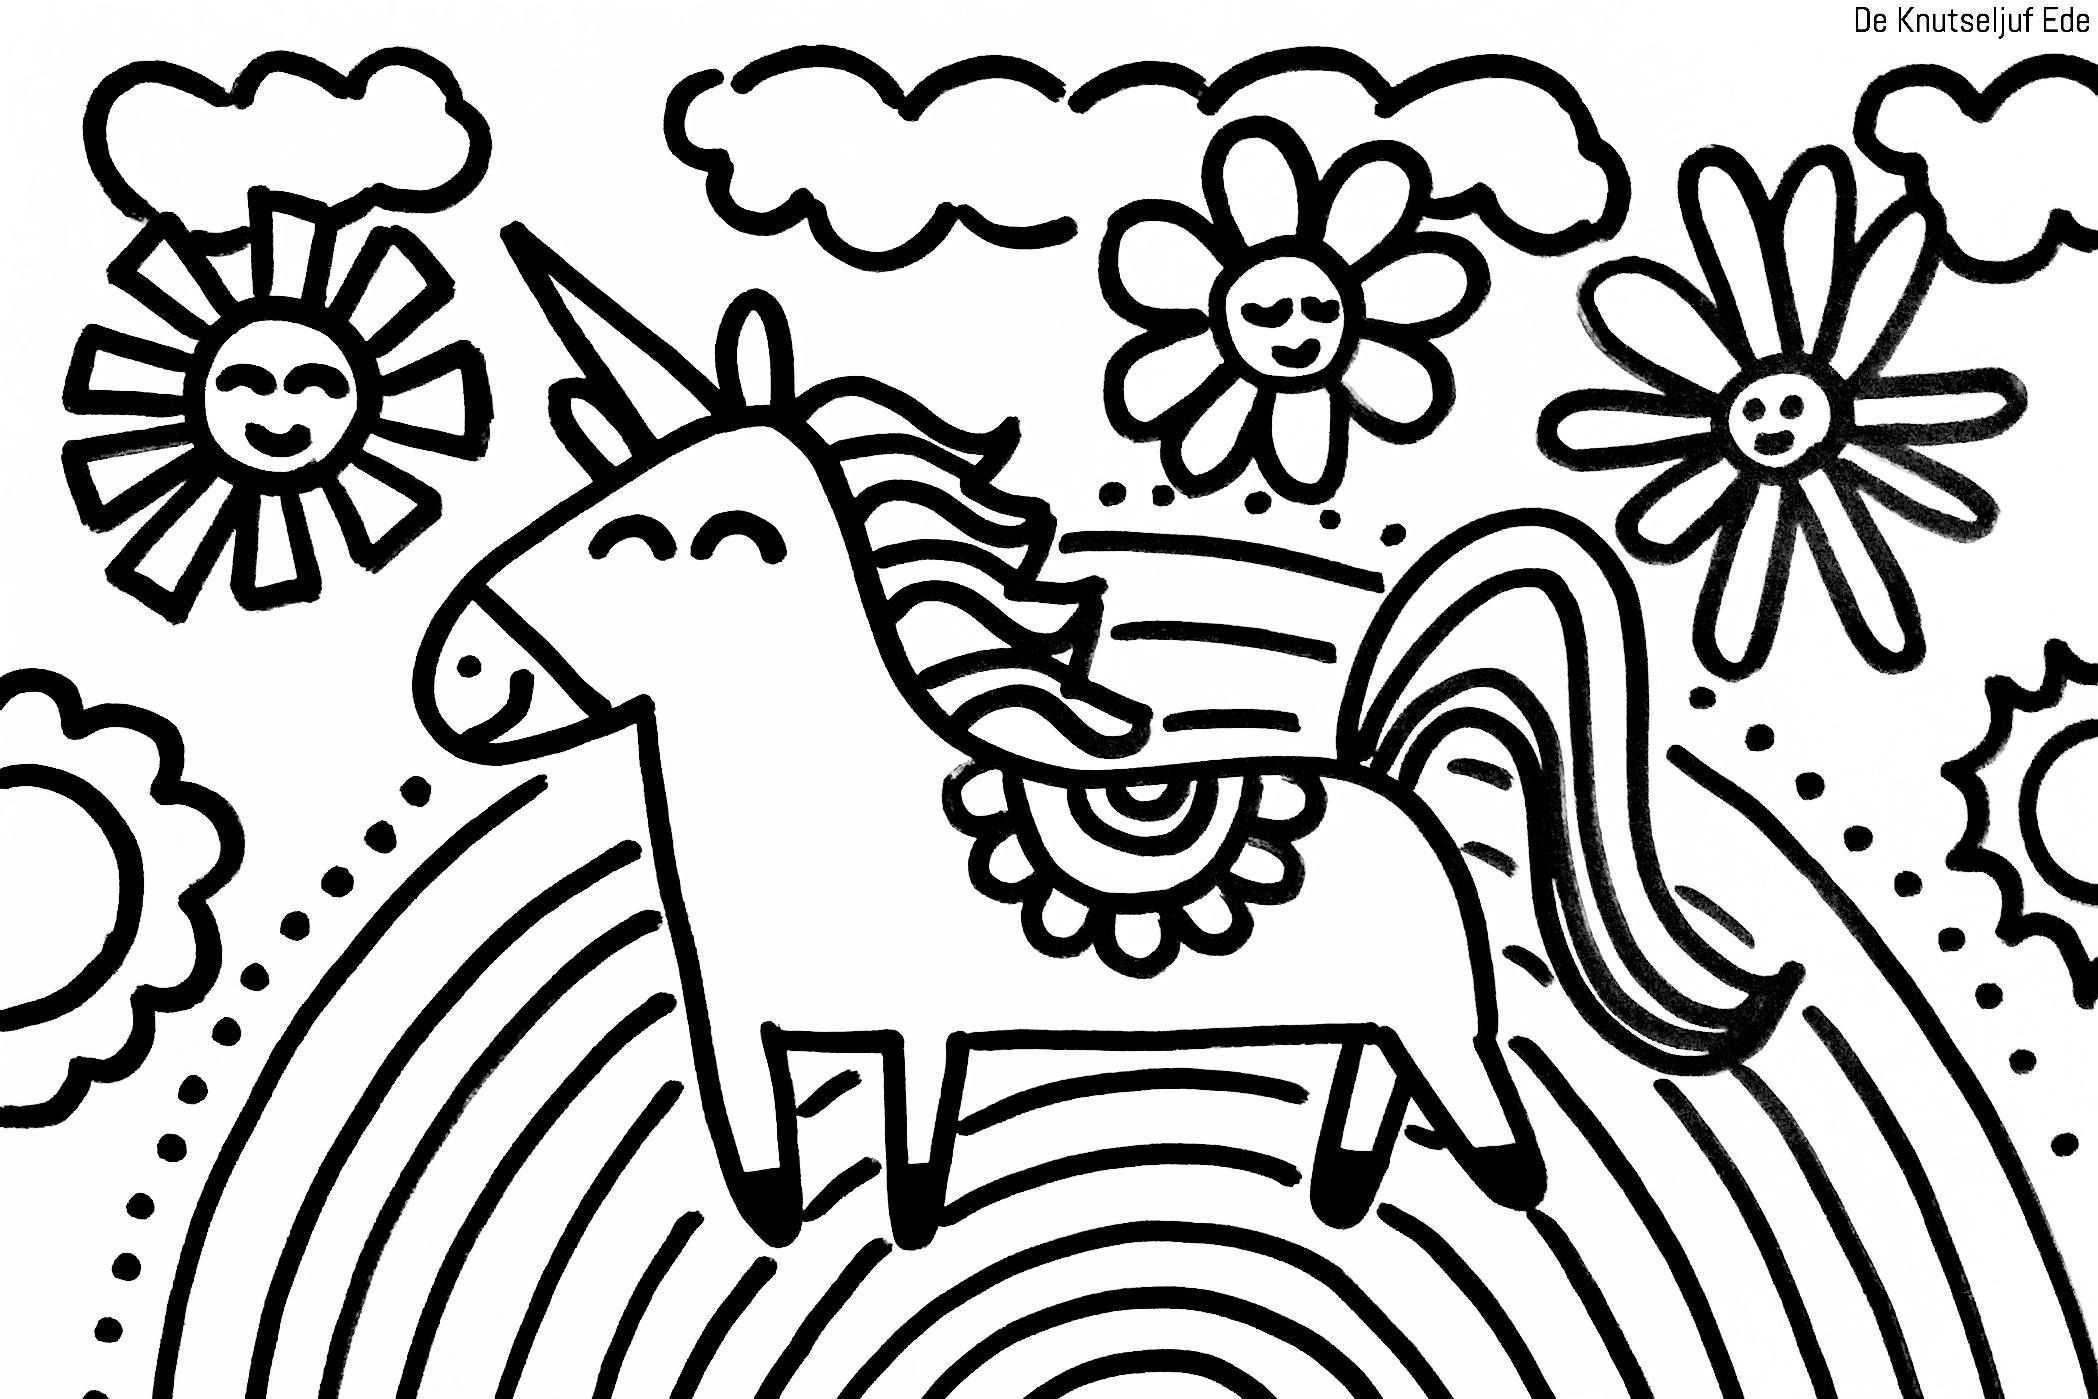 Kleurplaten Eenhoorns Unicorns Deknutseljufede Kleurplaat Kleurplaten Unicorns Eenhoorns De Knutseljuf Ede Eenhoorn Kleurplaten Regenboog Knutselen